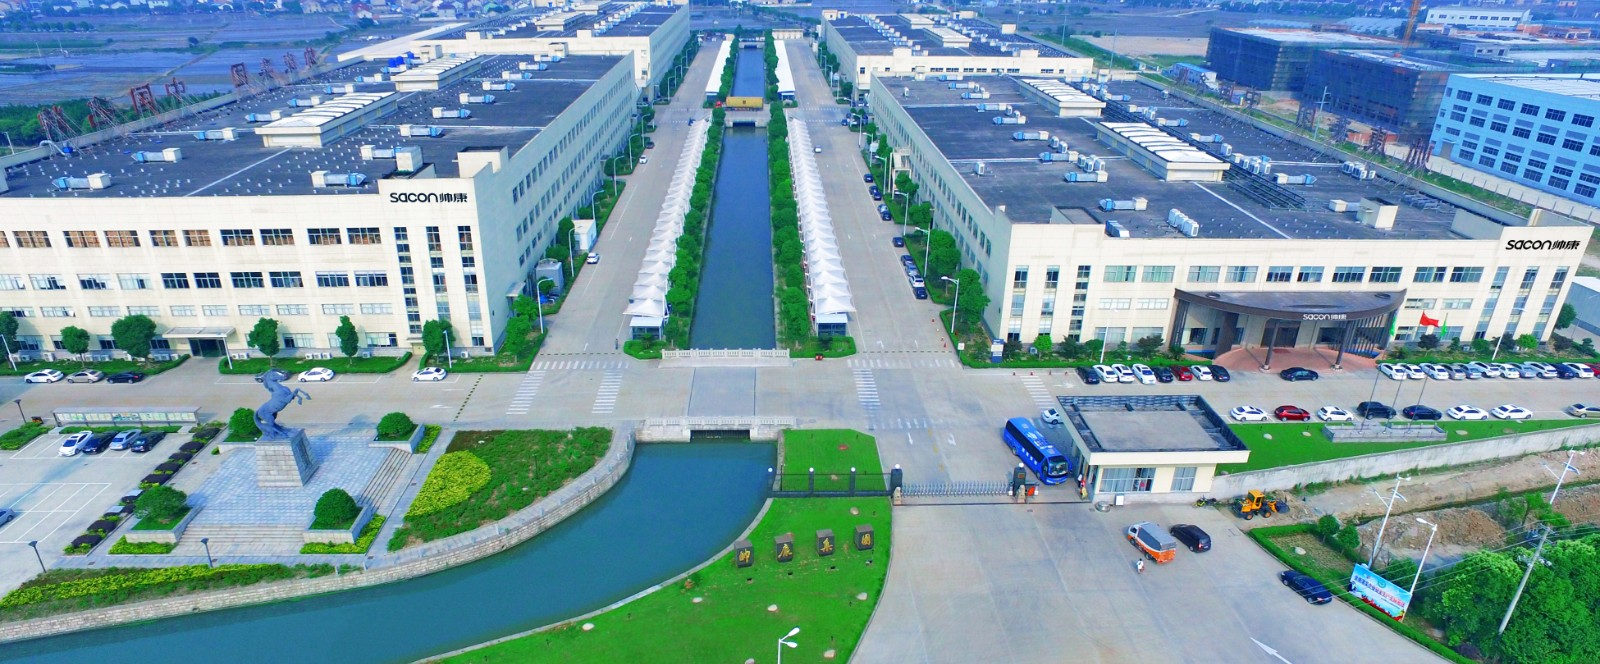 Ningbo Shuaikang Water Heaters Co., Ltd